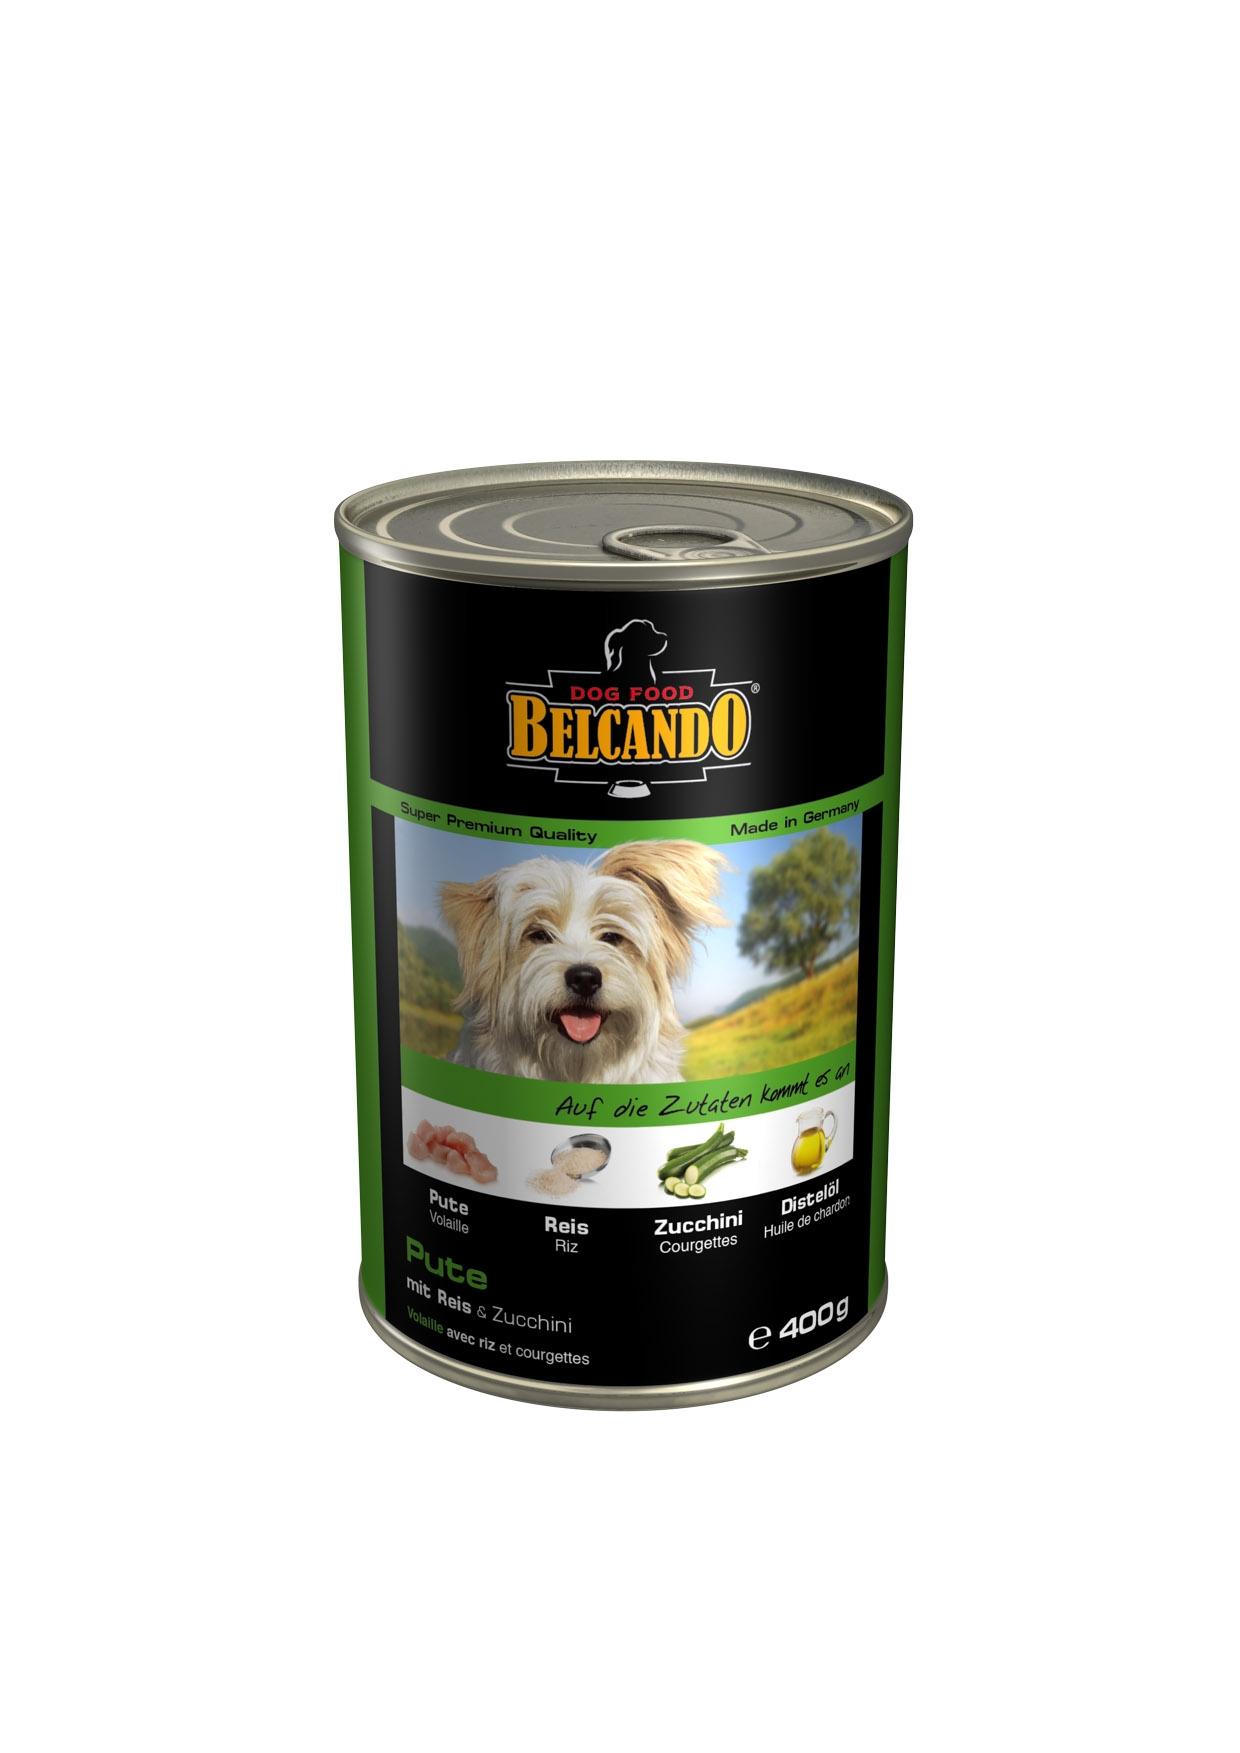 Консервы для собак Belcando, с мясом и овощами, 400 г консервы для собак belcando с отборным мясом 800 г